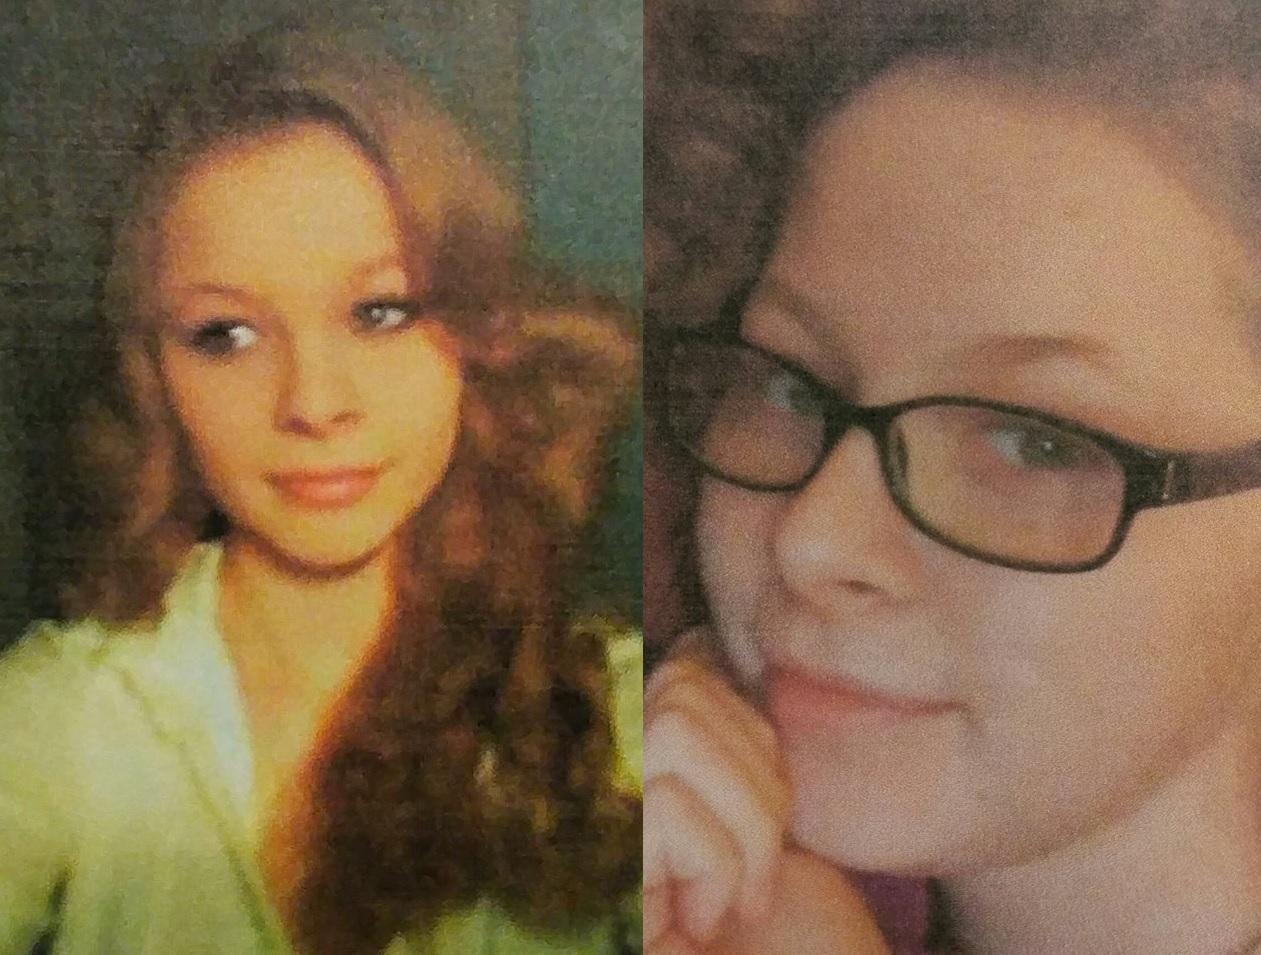 Amanda Murphy, 17, of Depew, has been reported missing. (Depew Police)